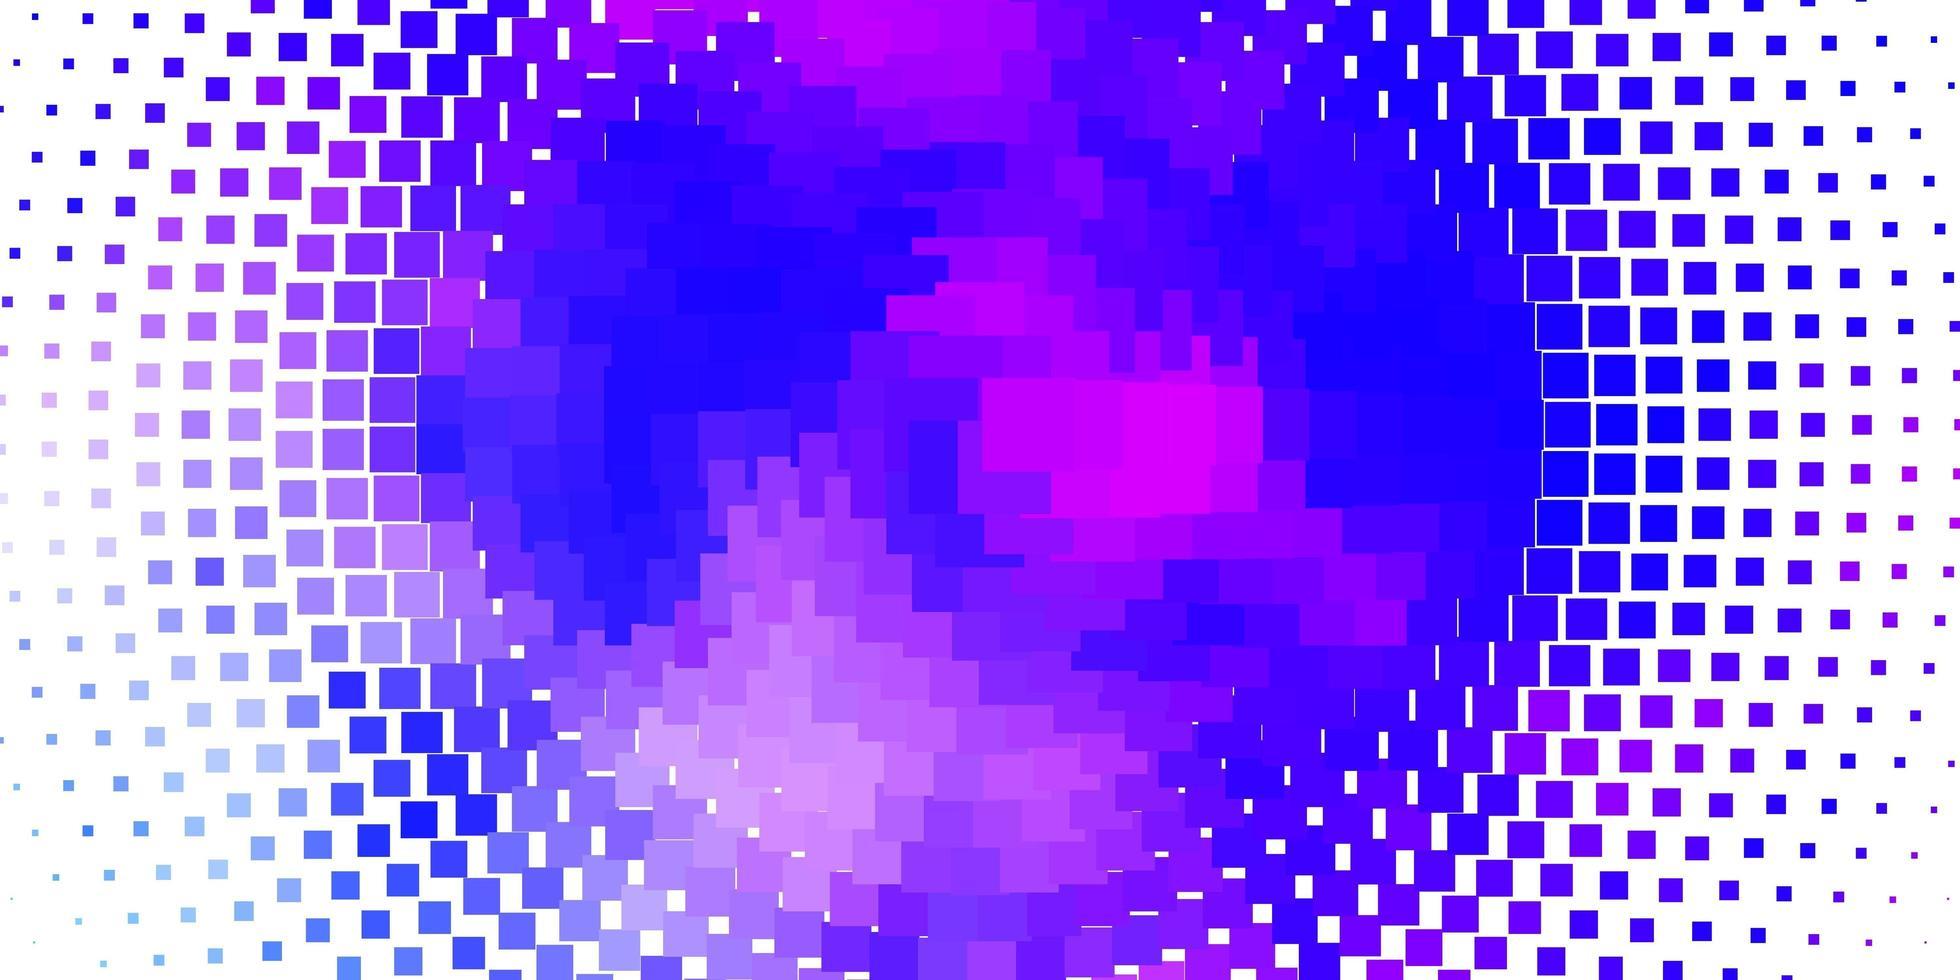 fond rose clair, bleu dans un style polygonal. vecteur